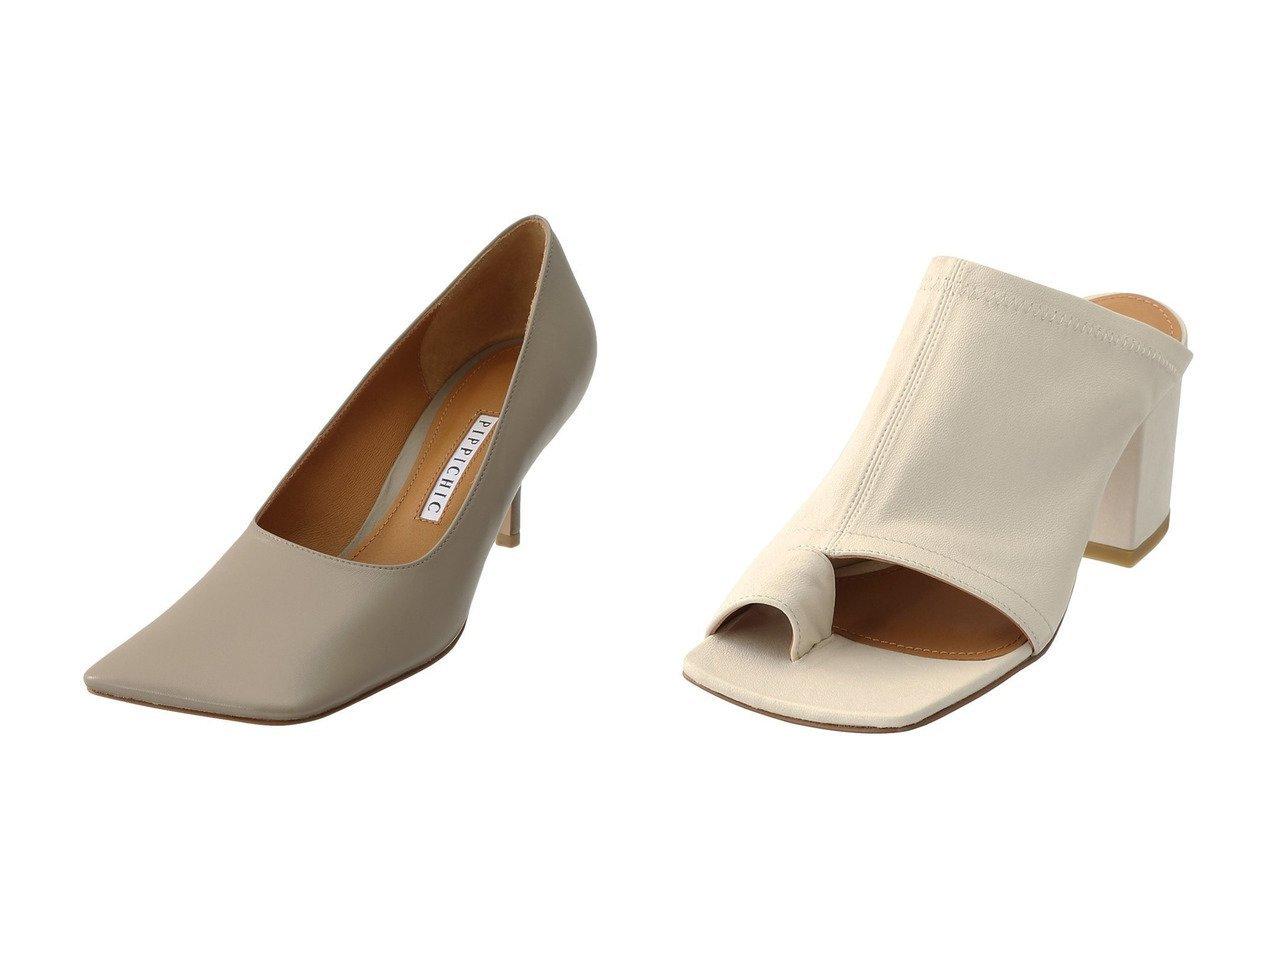 【Pippichic/ピッピシック】のLINDA スクエアトゥパンプス&スクエアトゥトングストレッチミュール シューズ・靴のおすすめ!人気トレンド・レディースファッションの通販 おすすめで人気のファッション通販商品 インテリア・家具・キッズファッション・メンズファッション・レディースファッション・服の通販 founy(ファニー) https://founy.com/ ファッション Fashion レディースファッション WOMEN なめらか オケージョン サンダル ストレッチ |ID:crp329100000007768